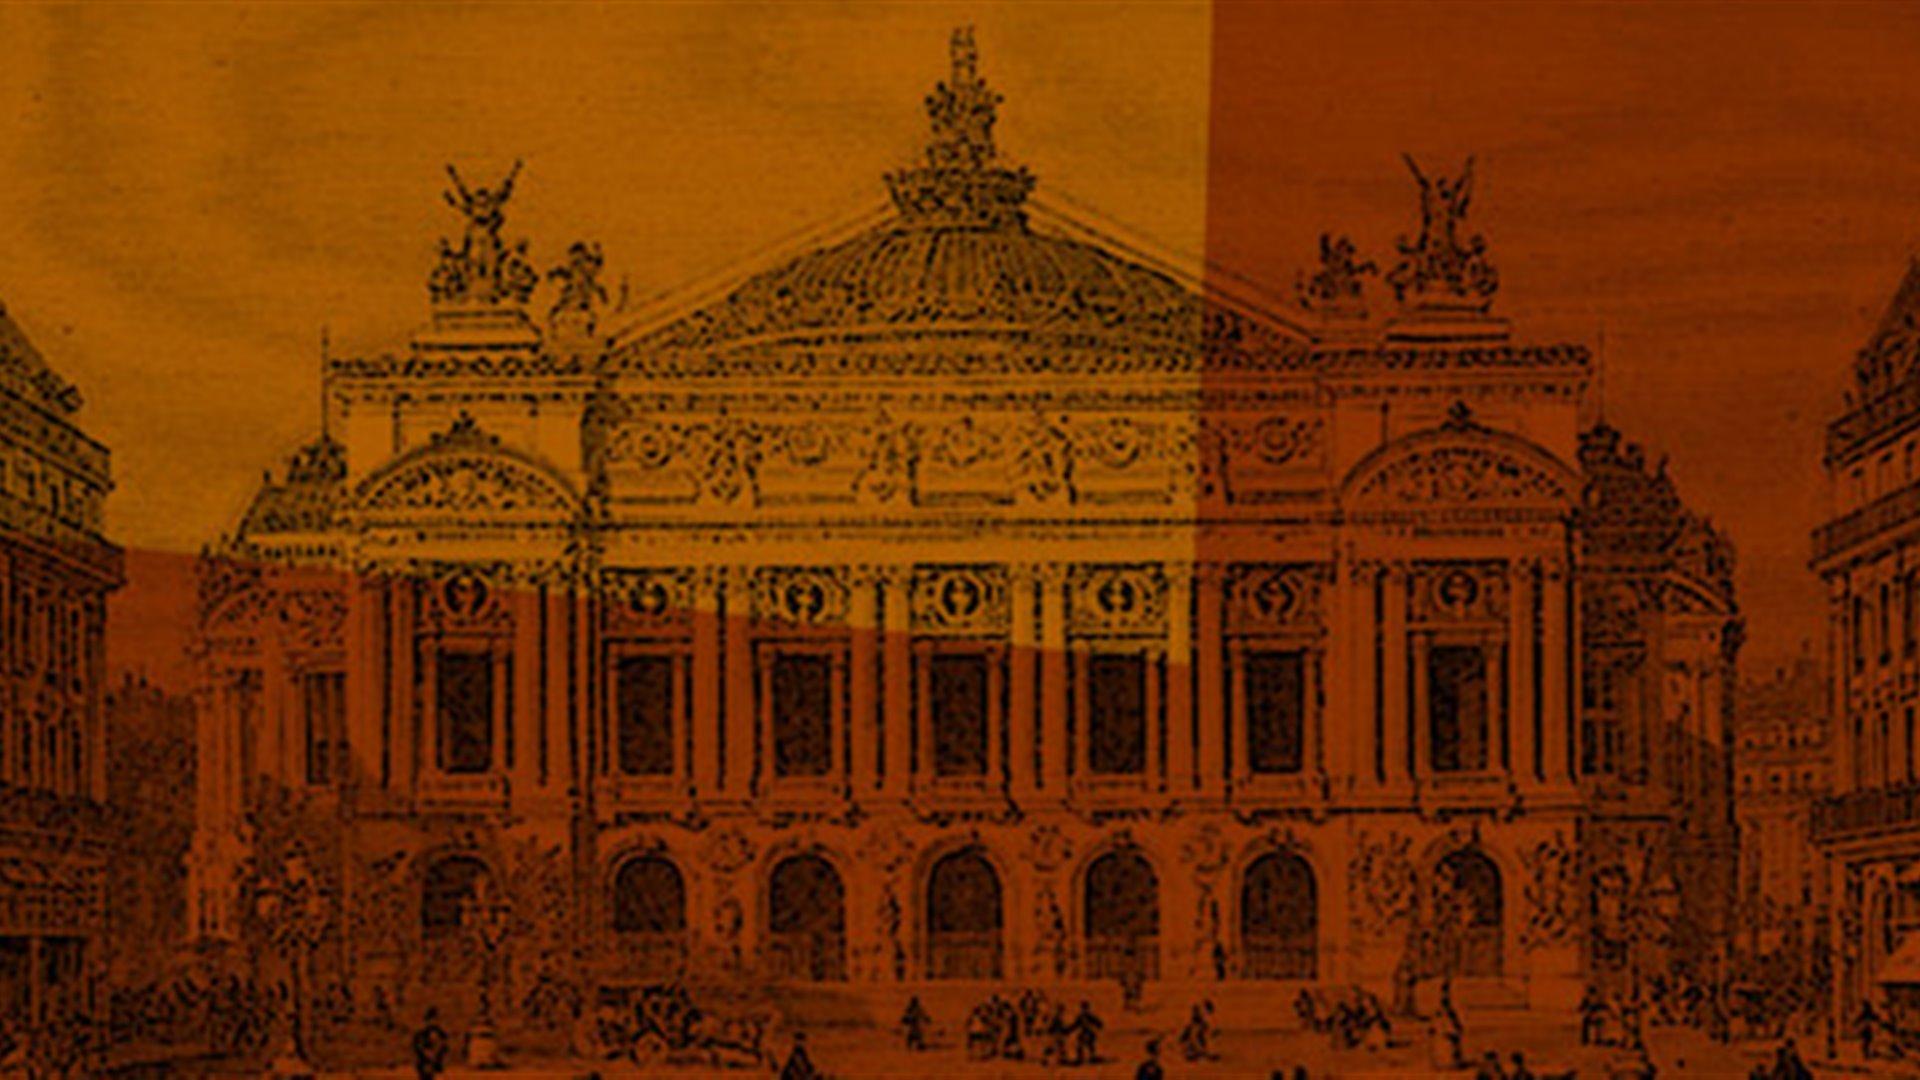 París 1900. El auge de las vanguardias